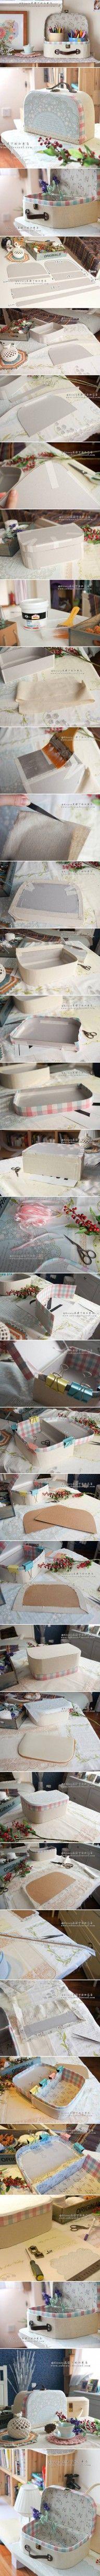 DIY Retro Cosmetic Case DIY Projects